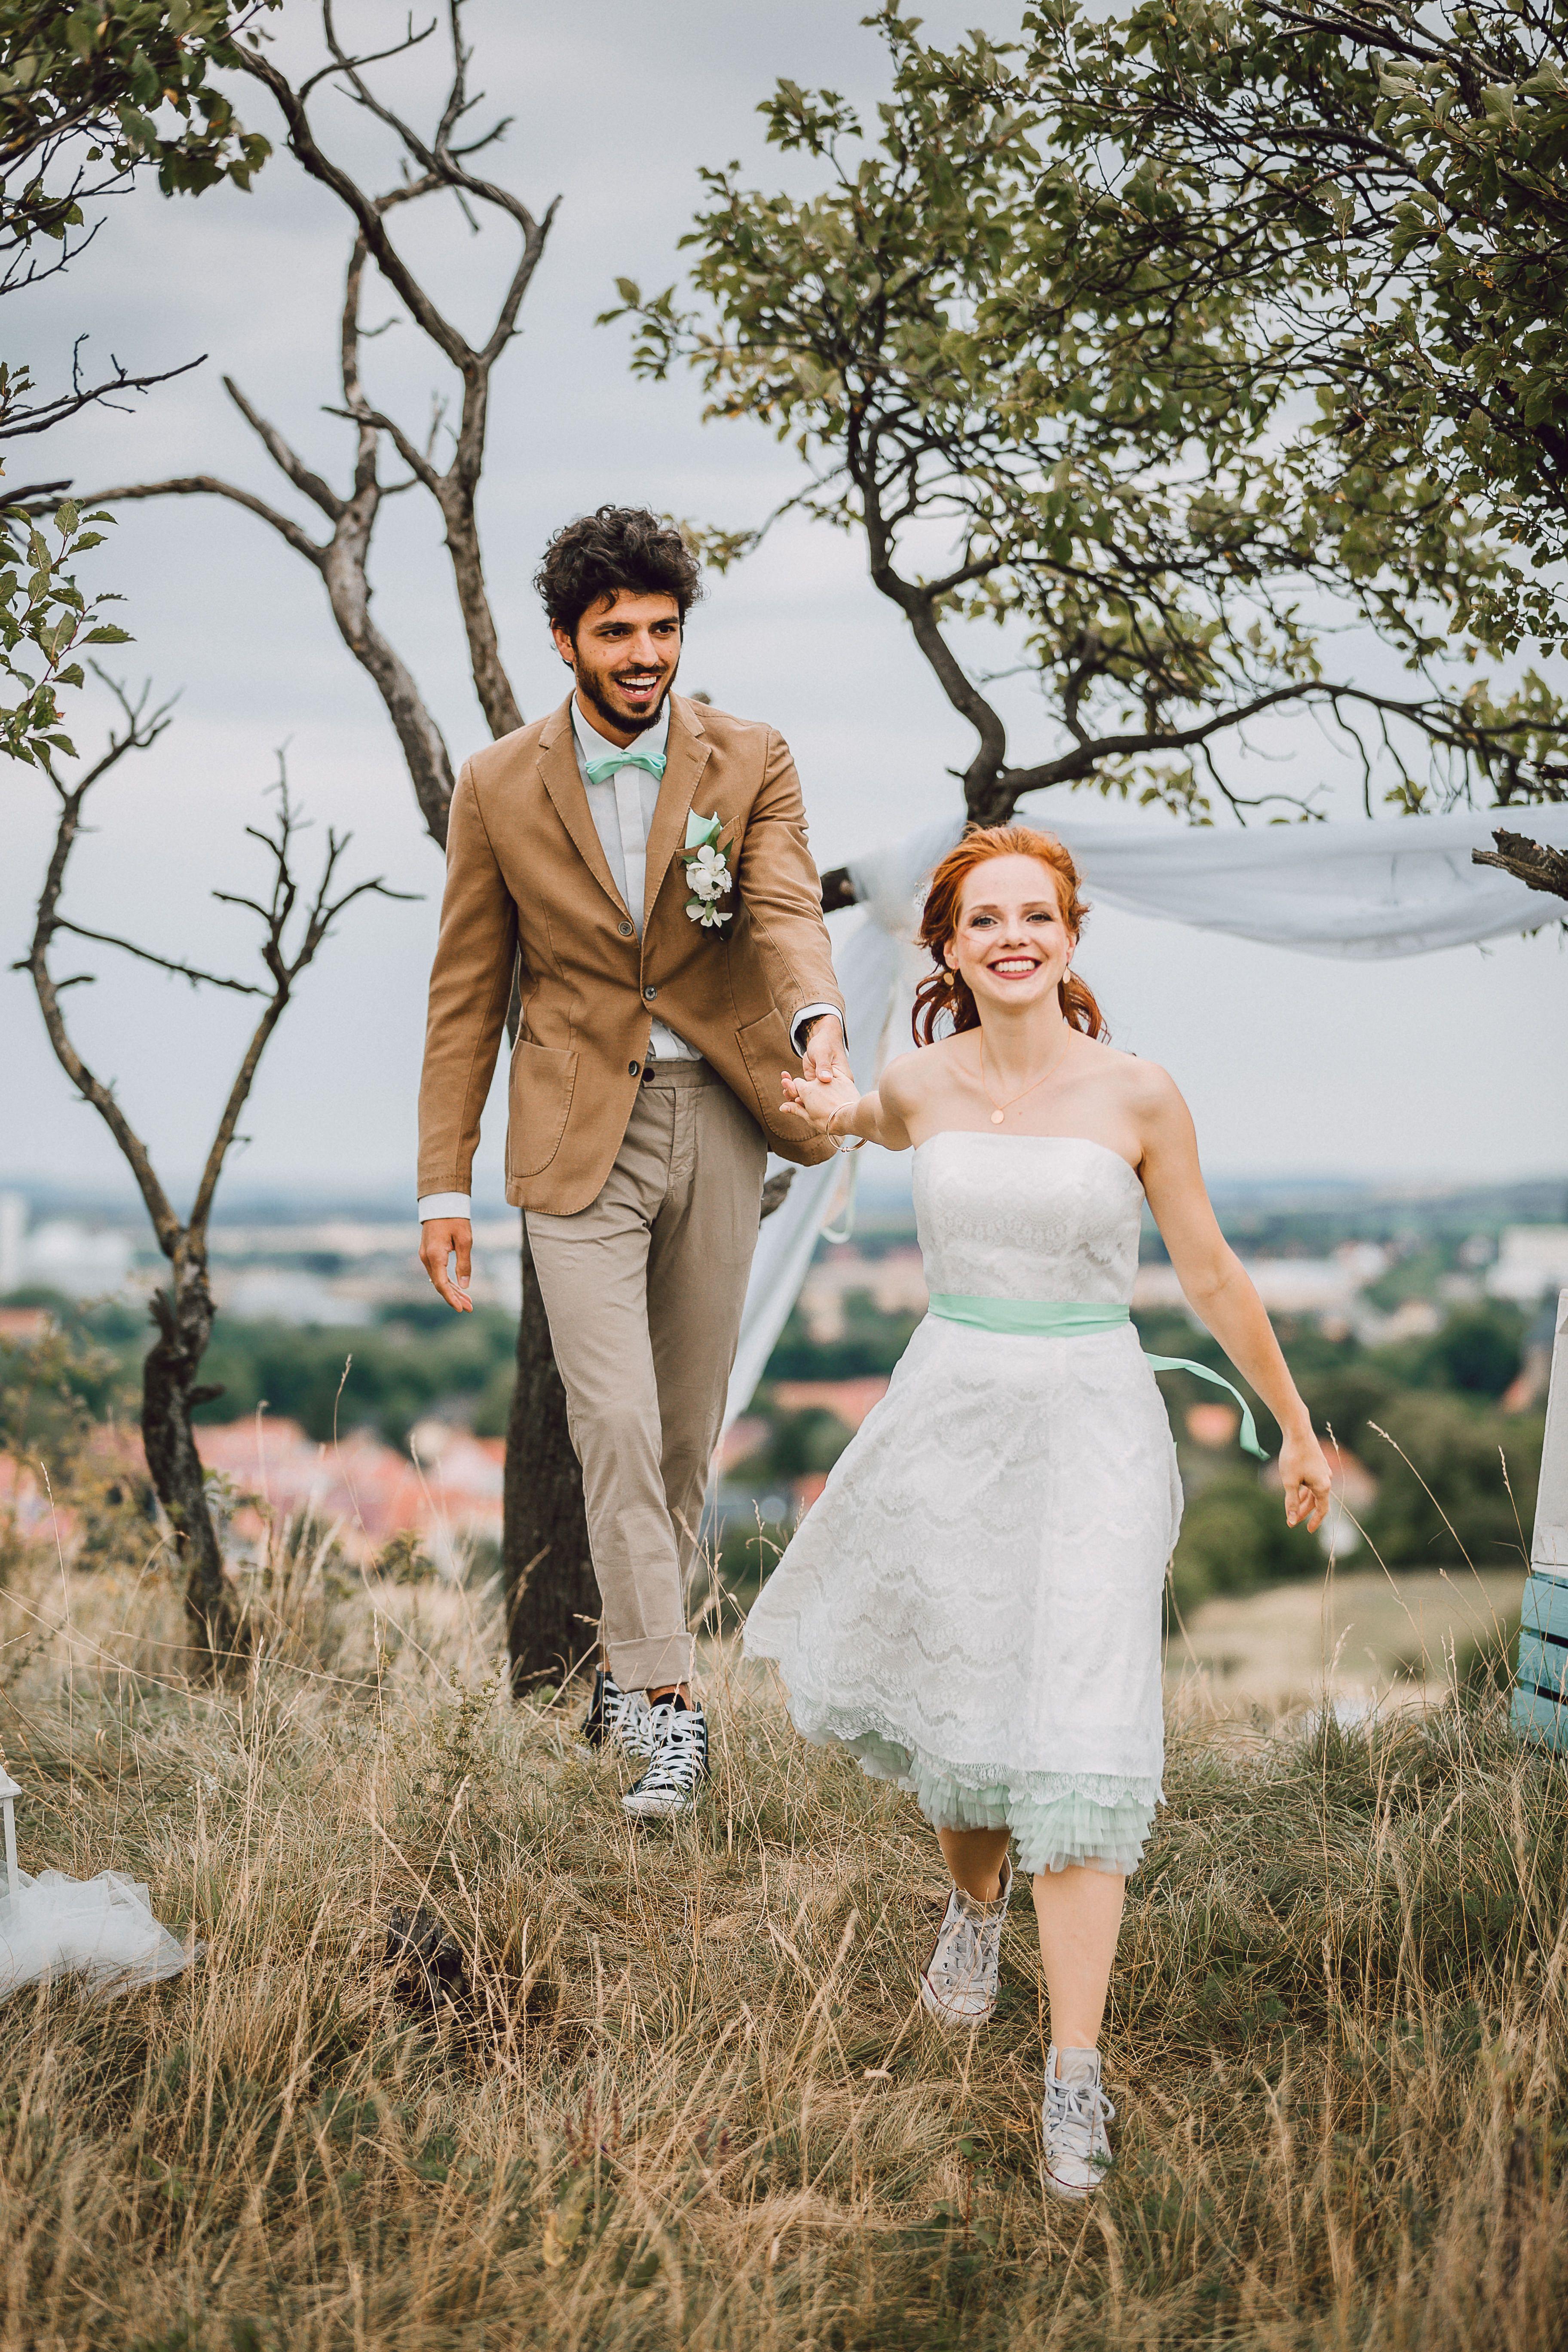 Hier kommt die Braut mit kurzem Petticoat Brautkleid und Chucks